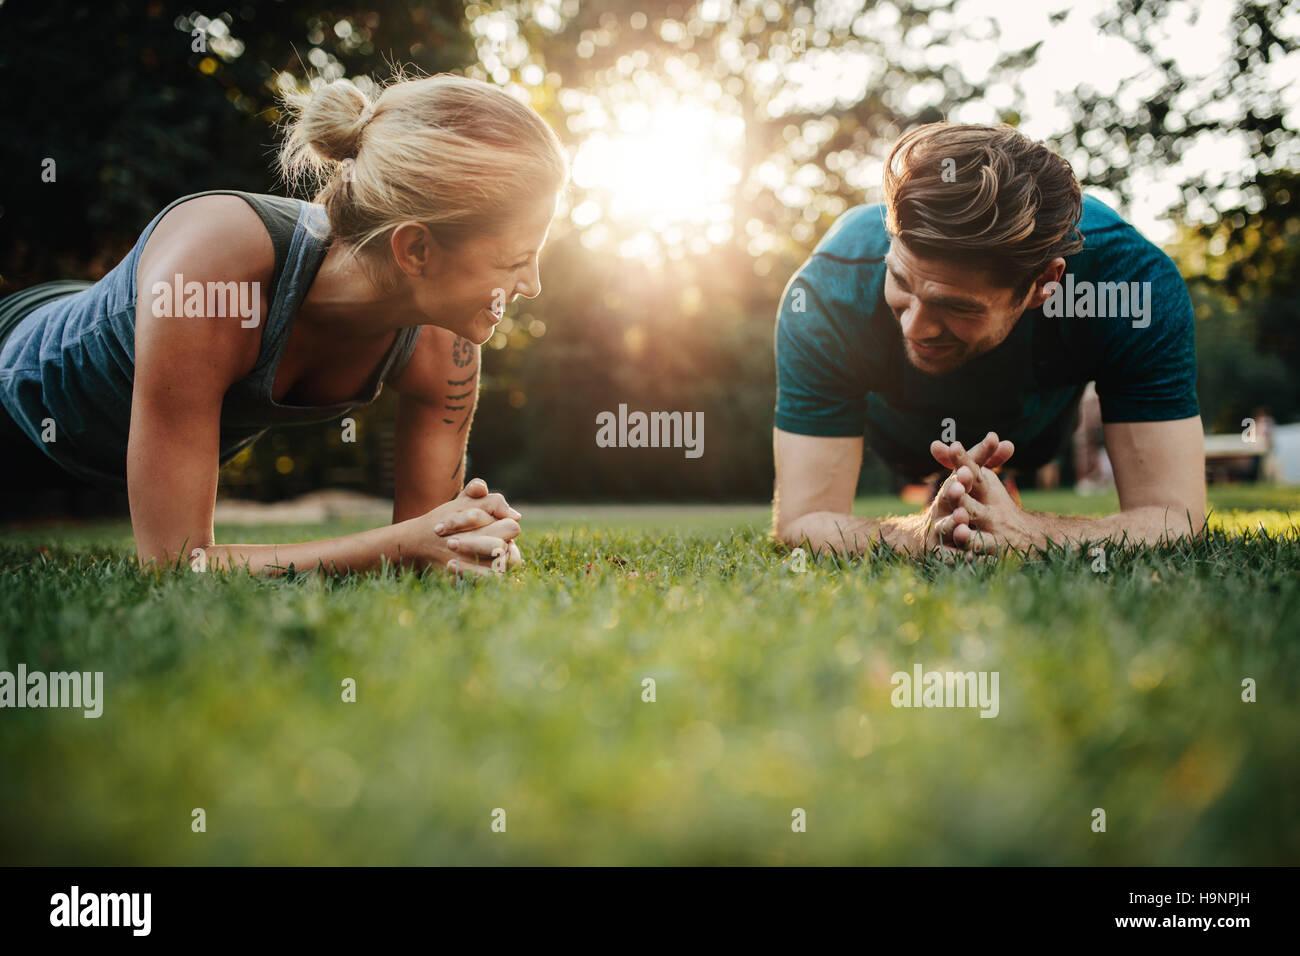 Montare il giovane uomo e donna che esercitano nel parco. Sorridente coppia caucasica facendo allenamento core sull'erba. Foto Stock